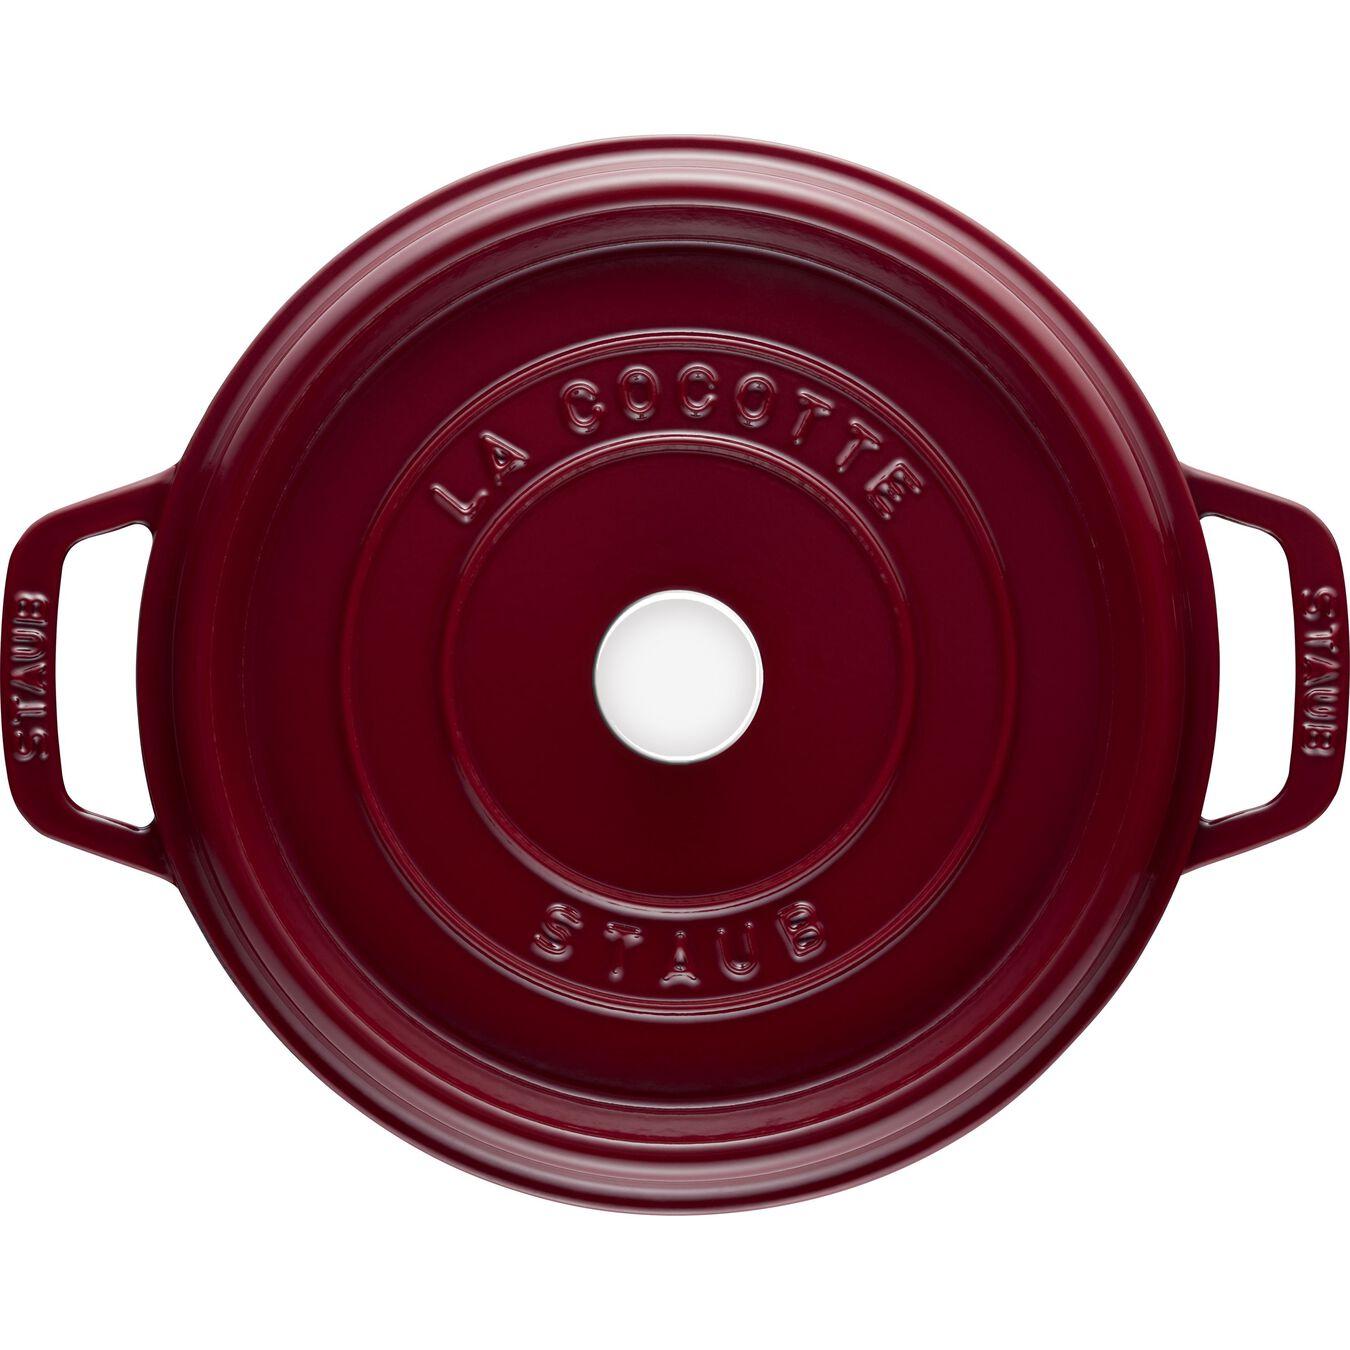 4.75 l cast iron round Cocotte, Bordeaux,,large 3